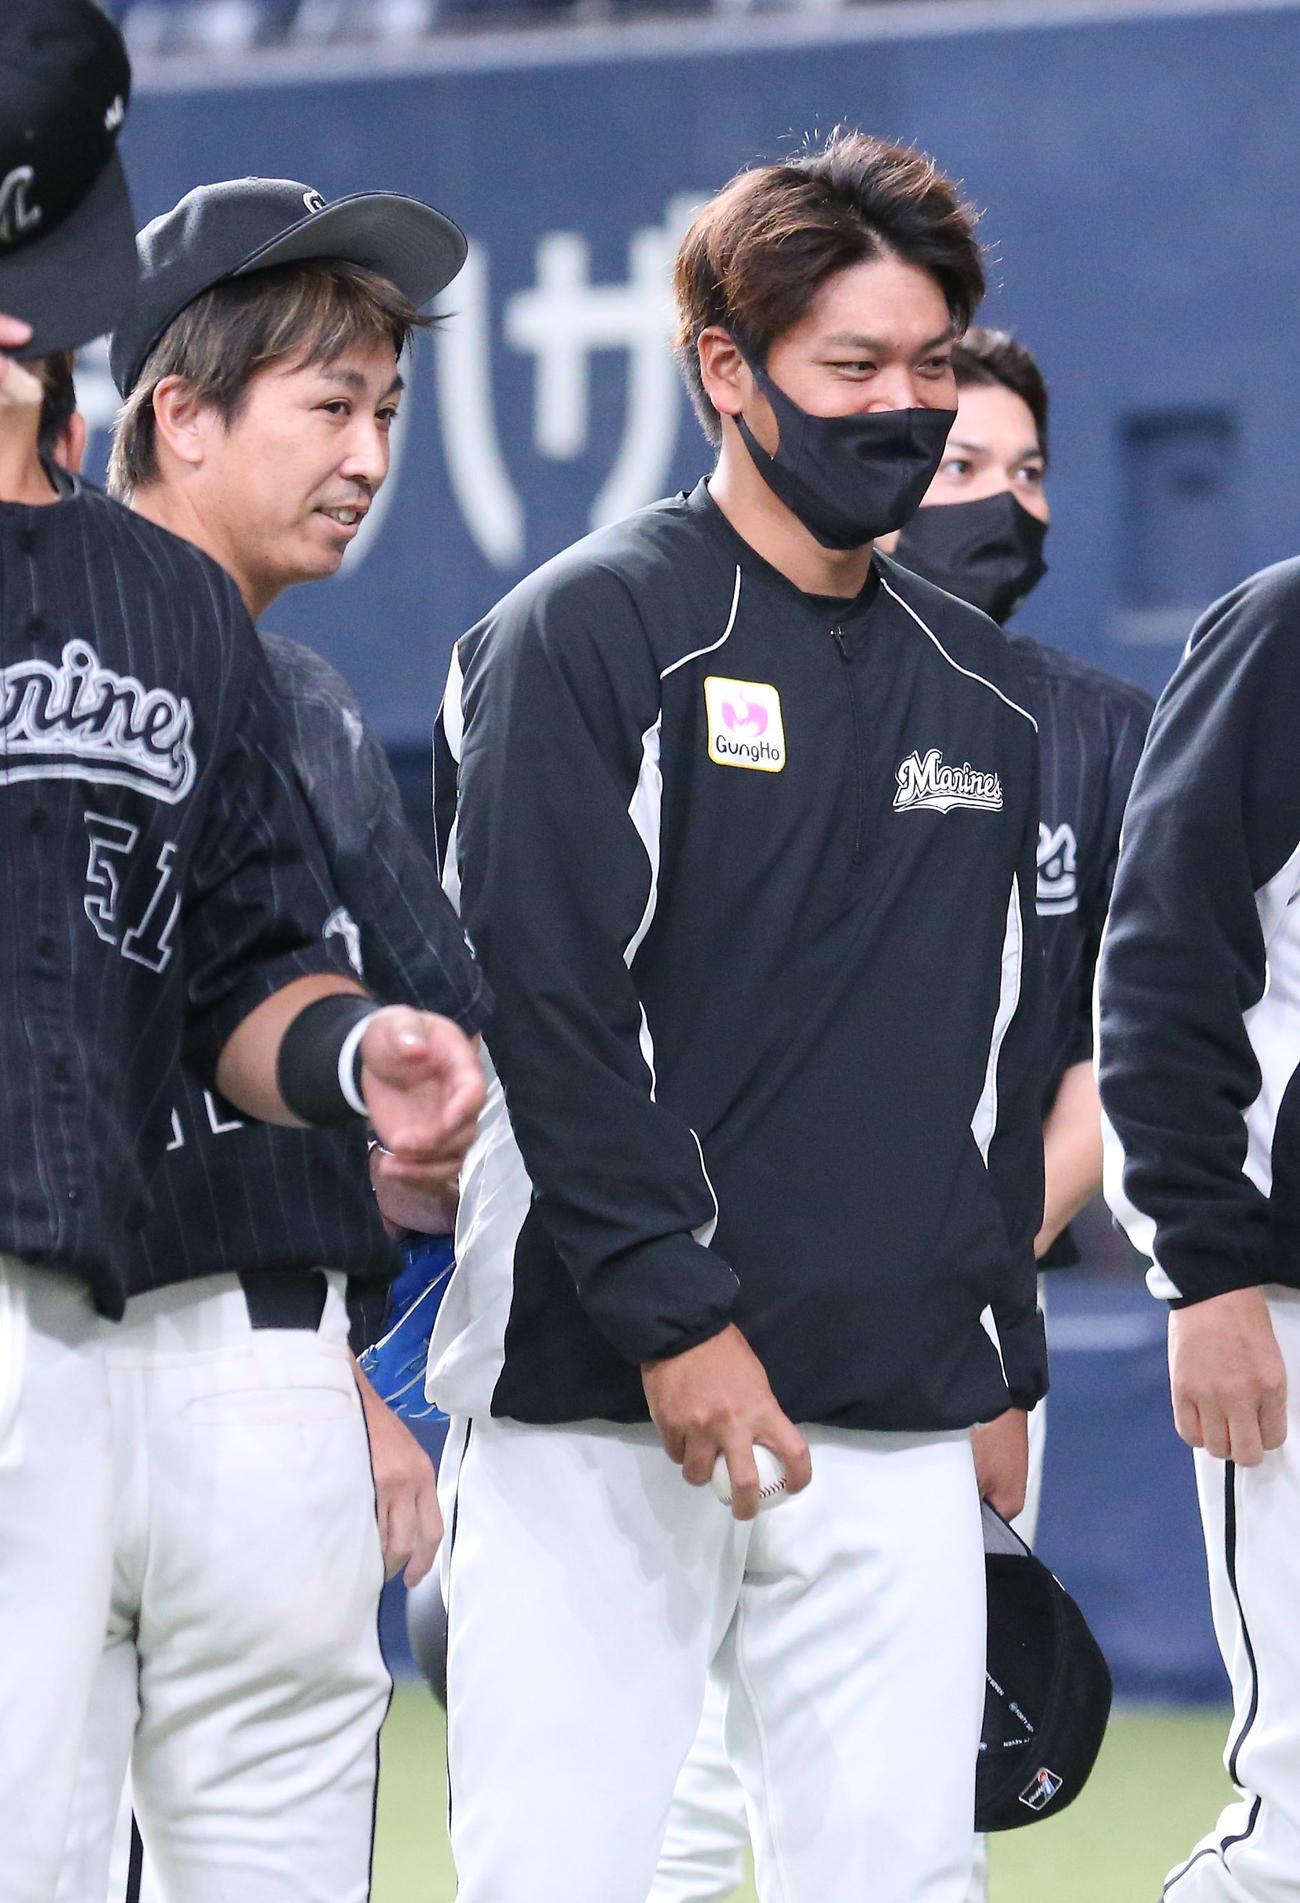 オリックス対ロッテ オリックスに勝利し、試合を締めた益田(左)からウイニングボールをもらい笑顔を見せる佐々木千(撮影・上山淳一)